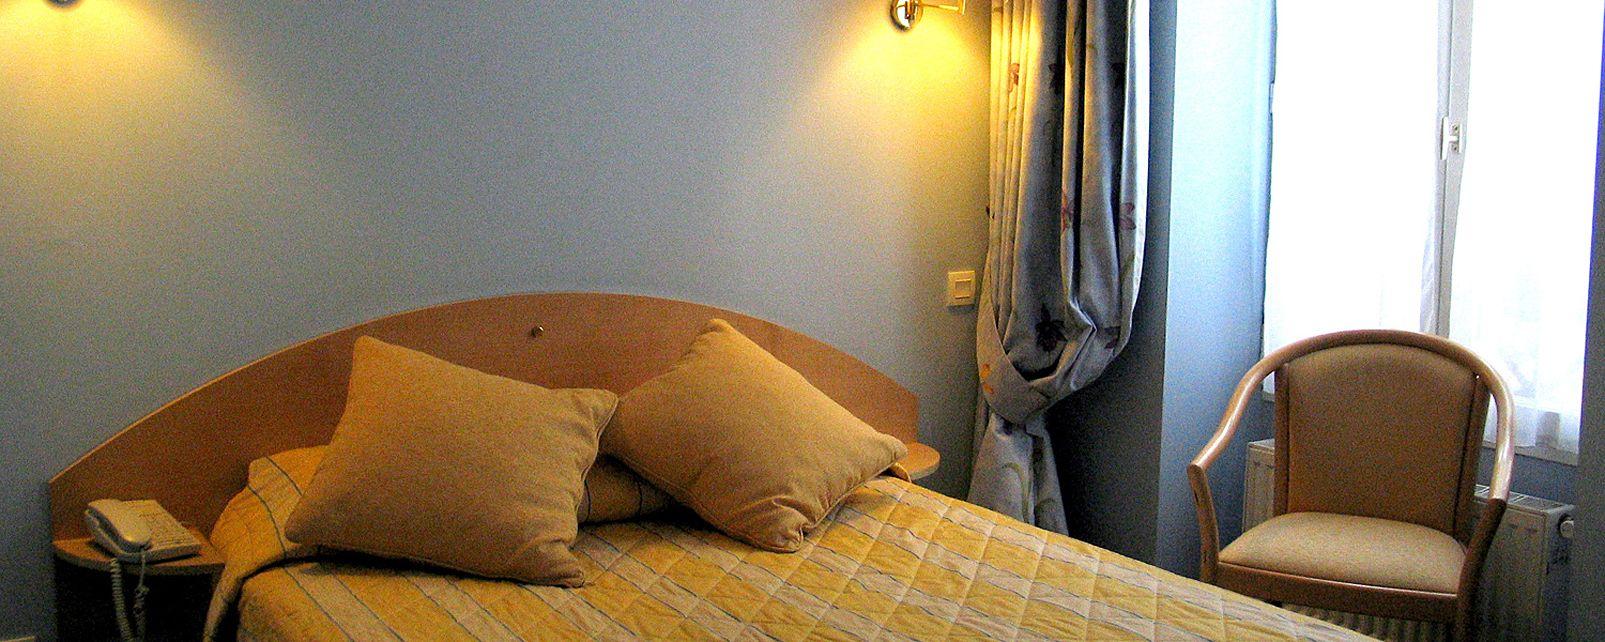 hotel france albion in paris. Black Bedroom Furniture Sets. Home Design Ideas